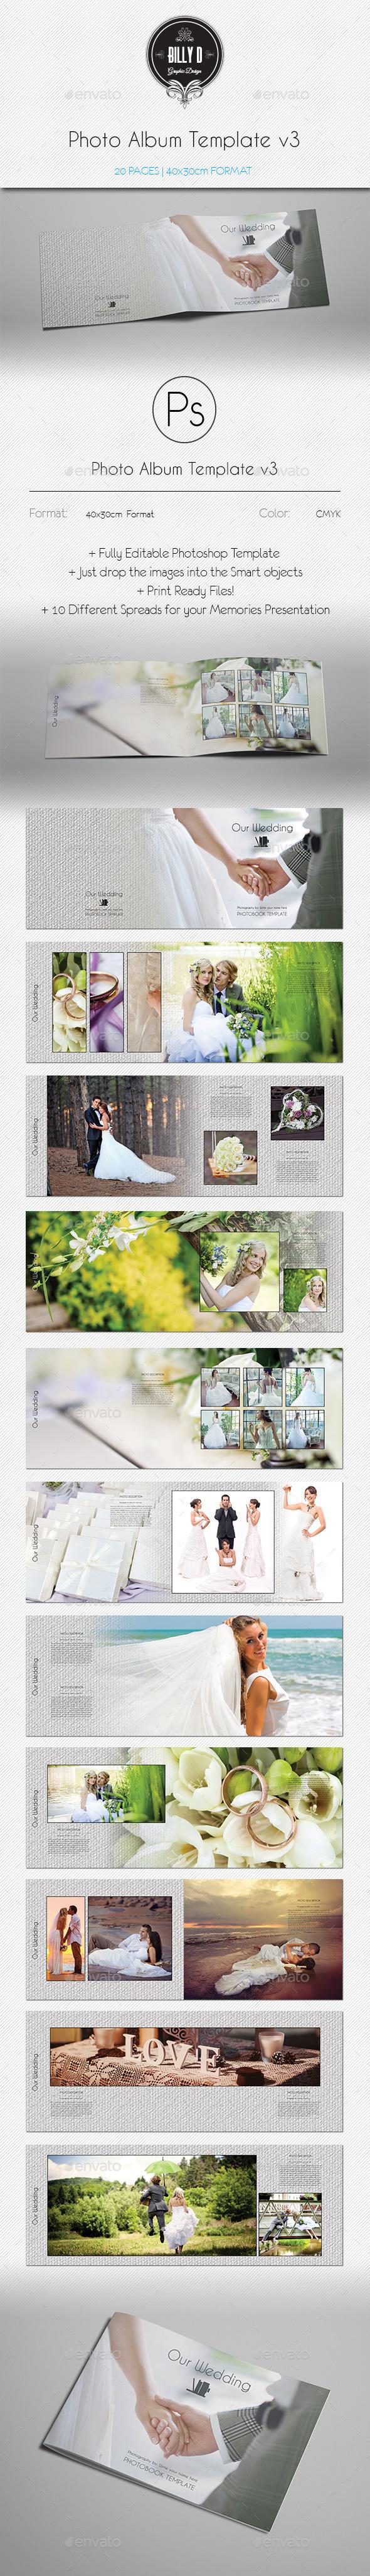 GraphicRiver Photo Album Template v3 10299744